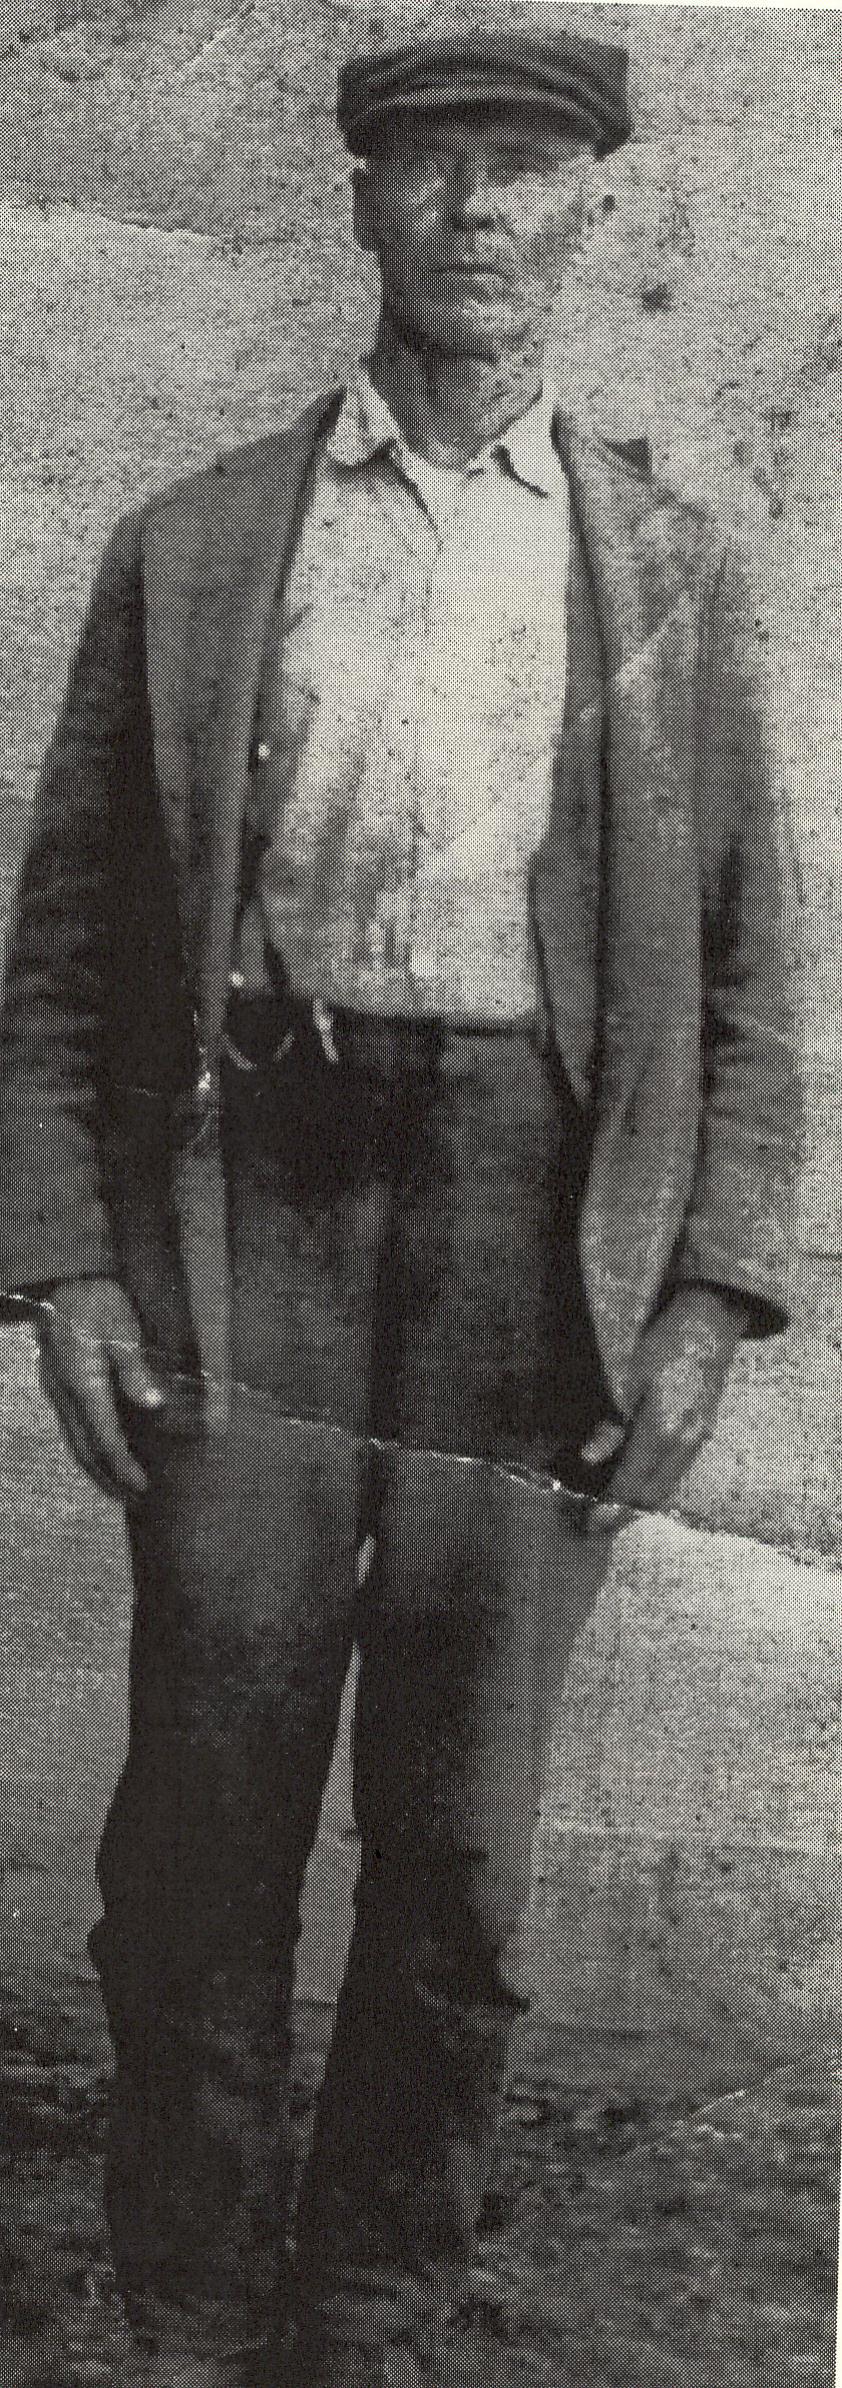 James Ellis Archie